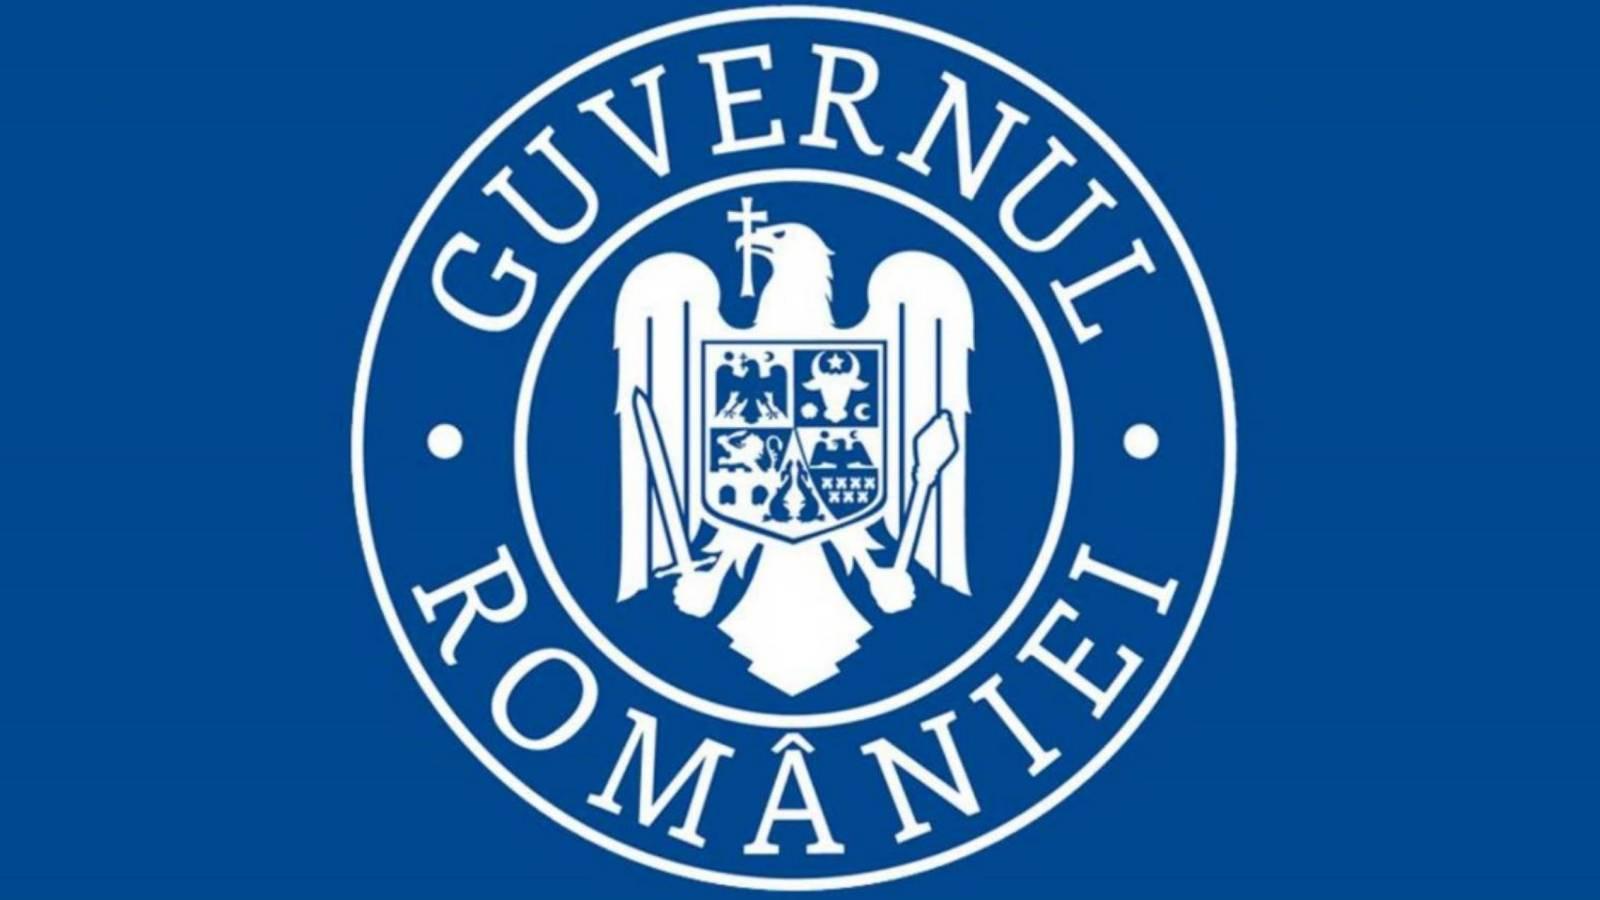 Guvernul Romaniei Starea Alerta decembrie